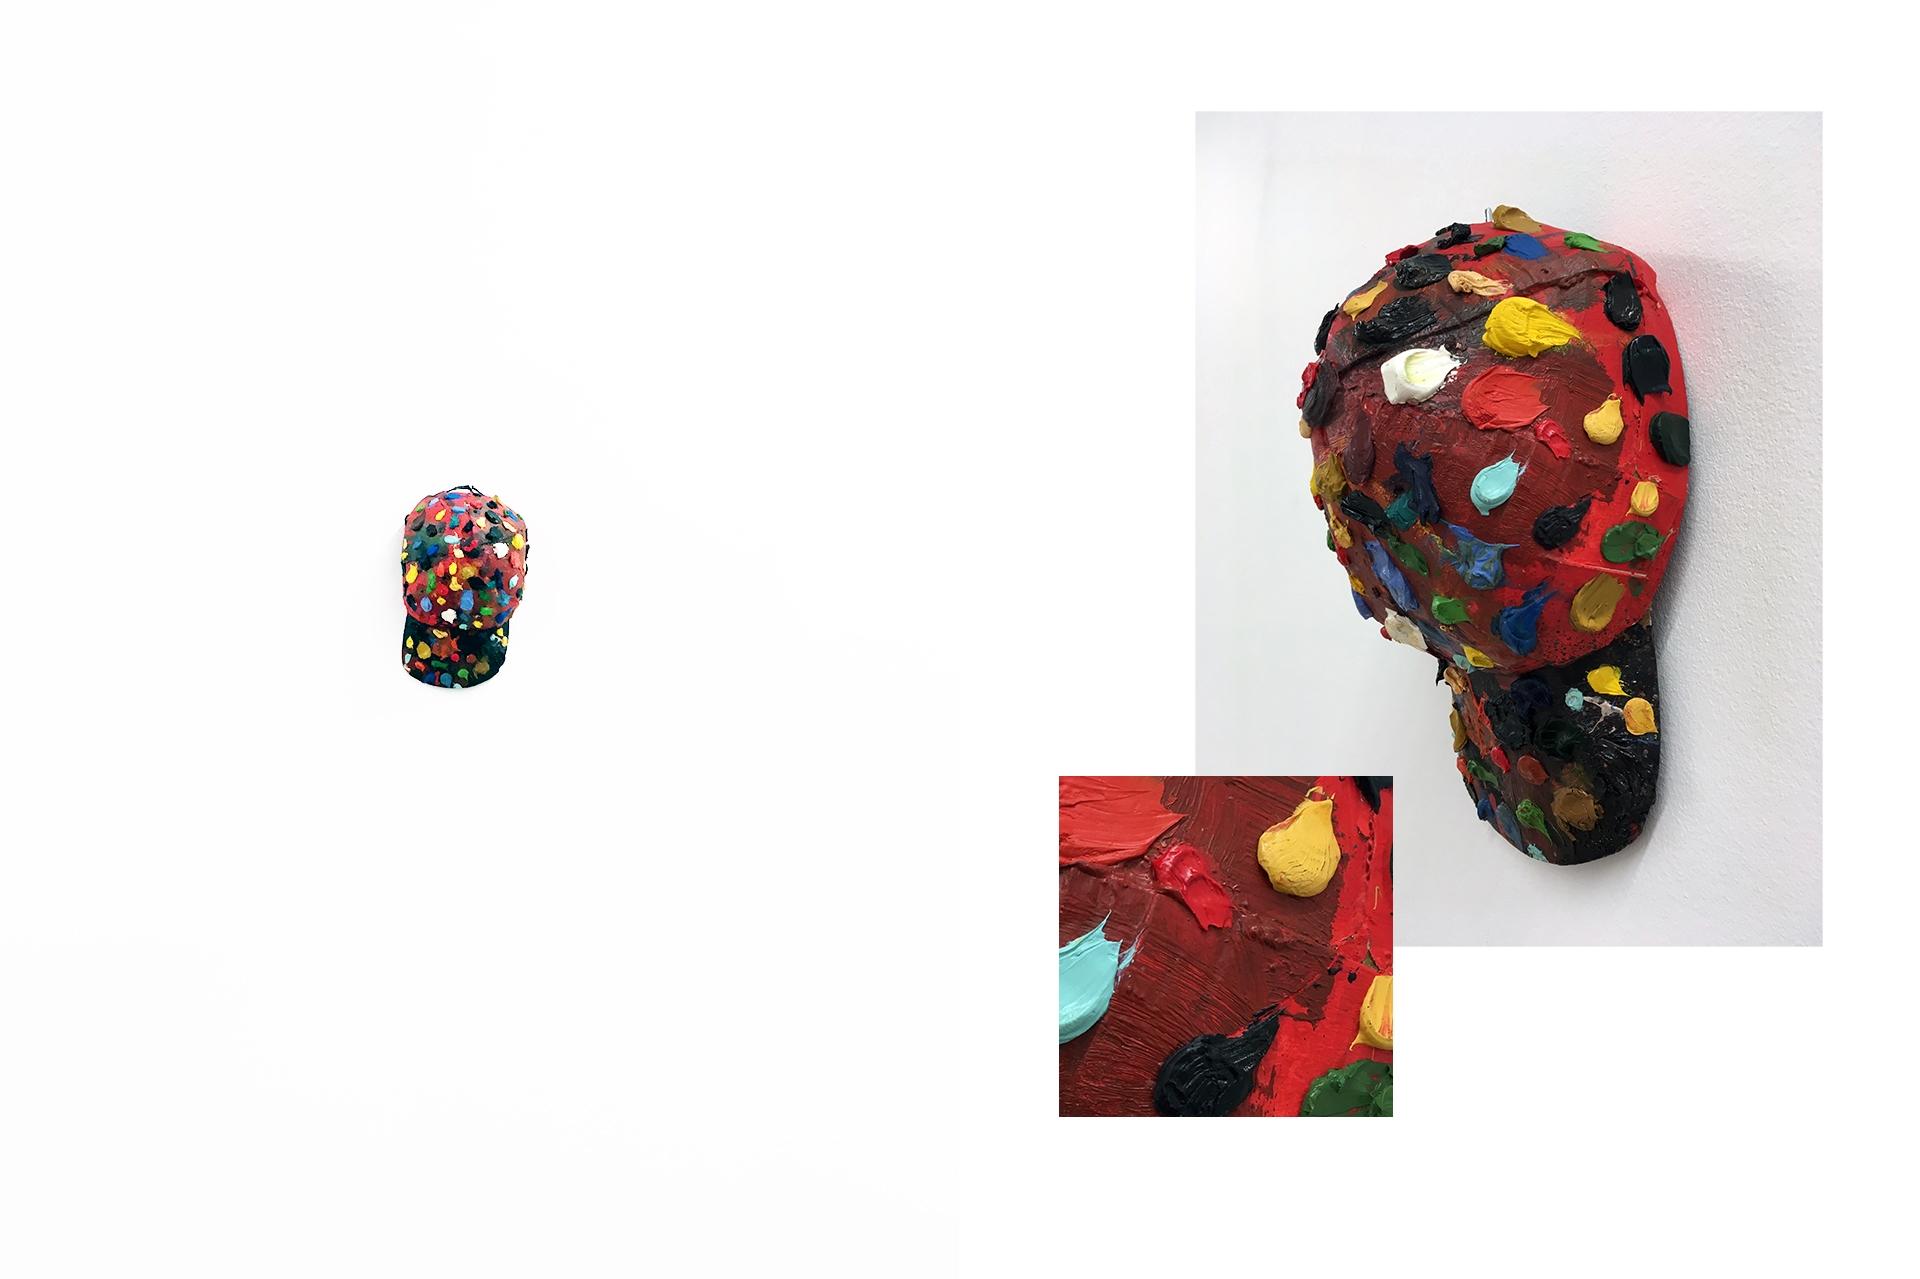 Zdjęcie przedstawia różne ujęcia czapki z daszkiem pomalowanej kolorowymi farbami.